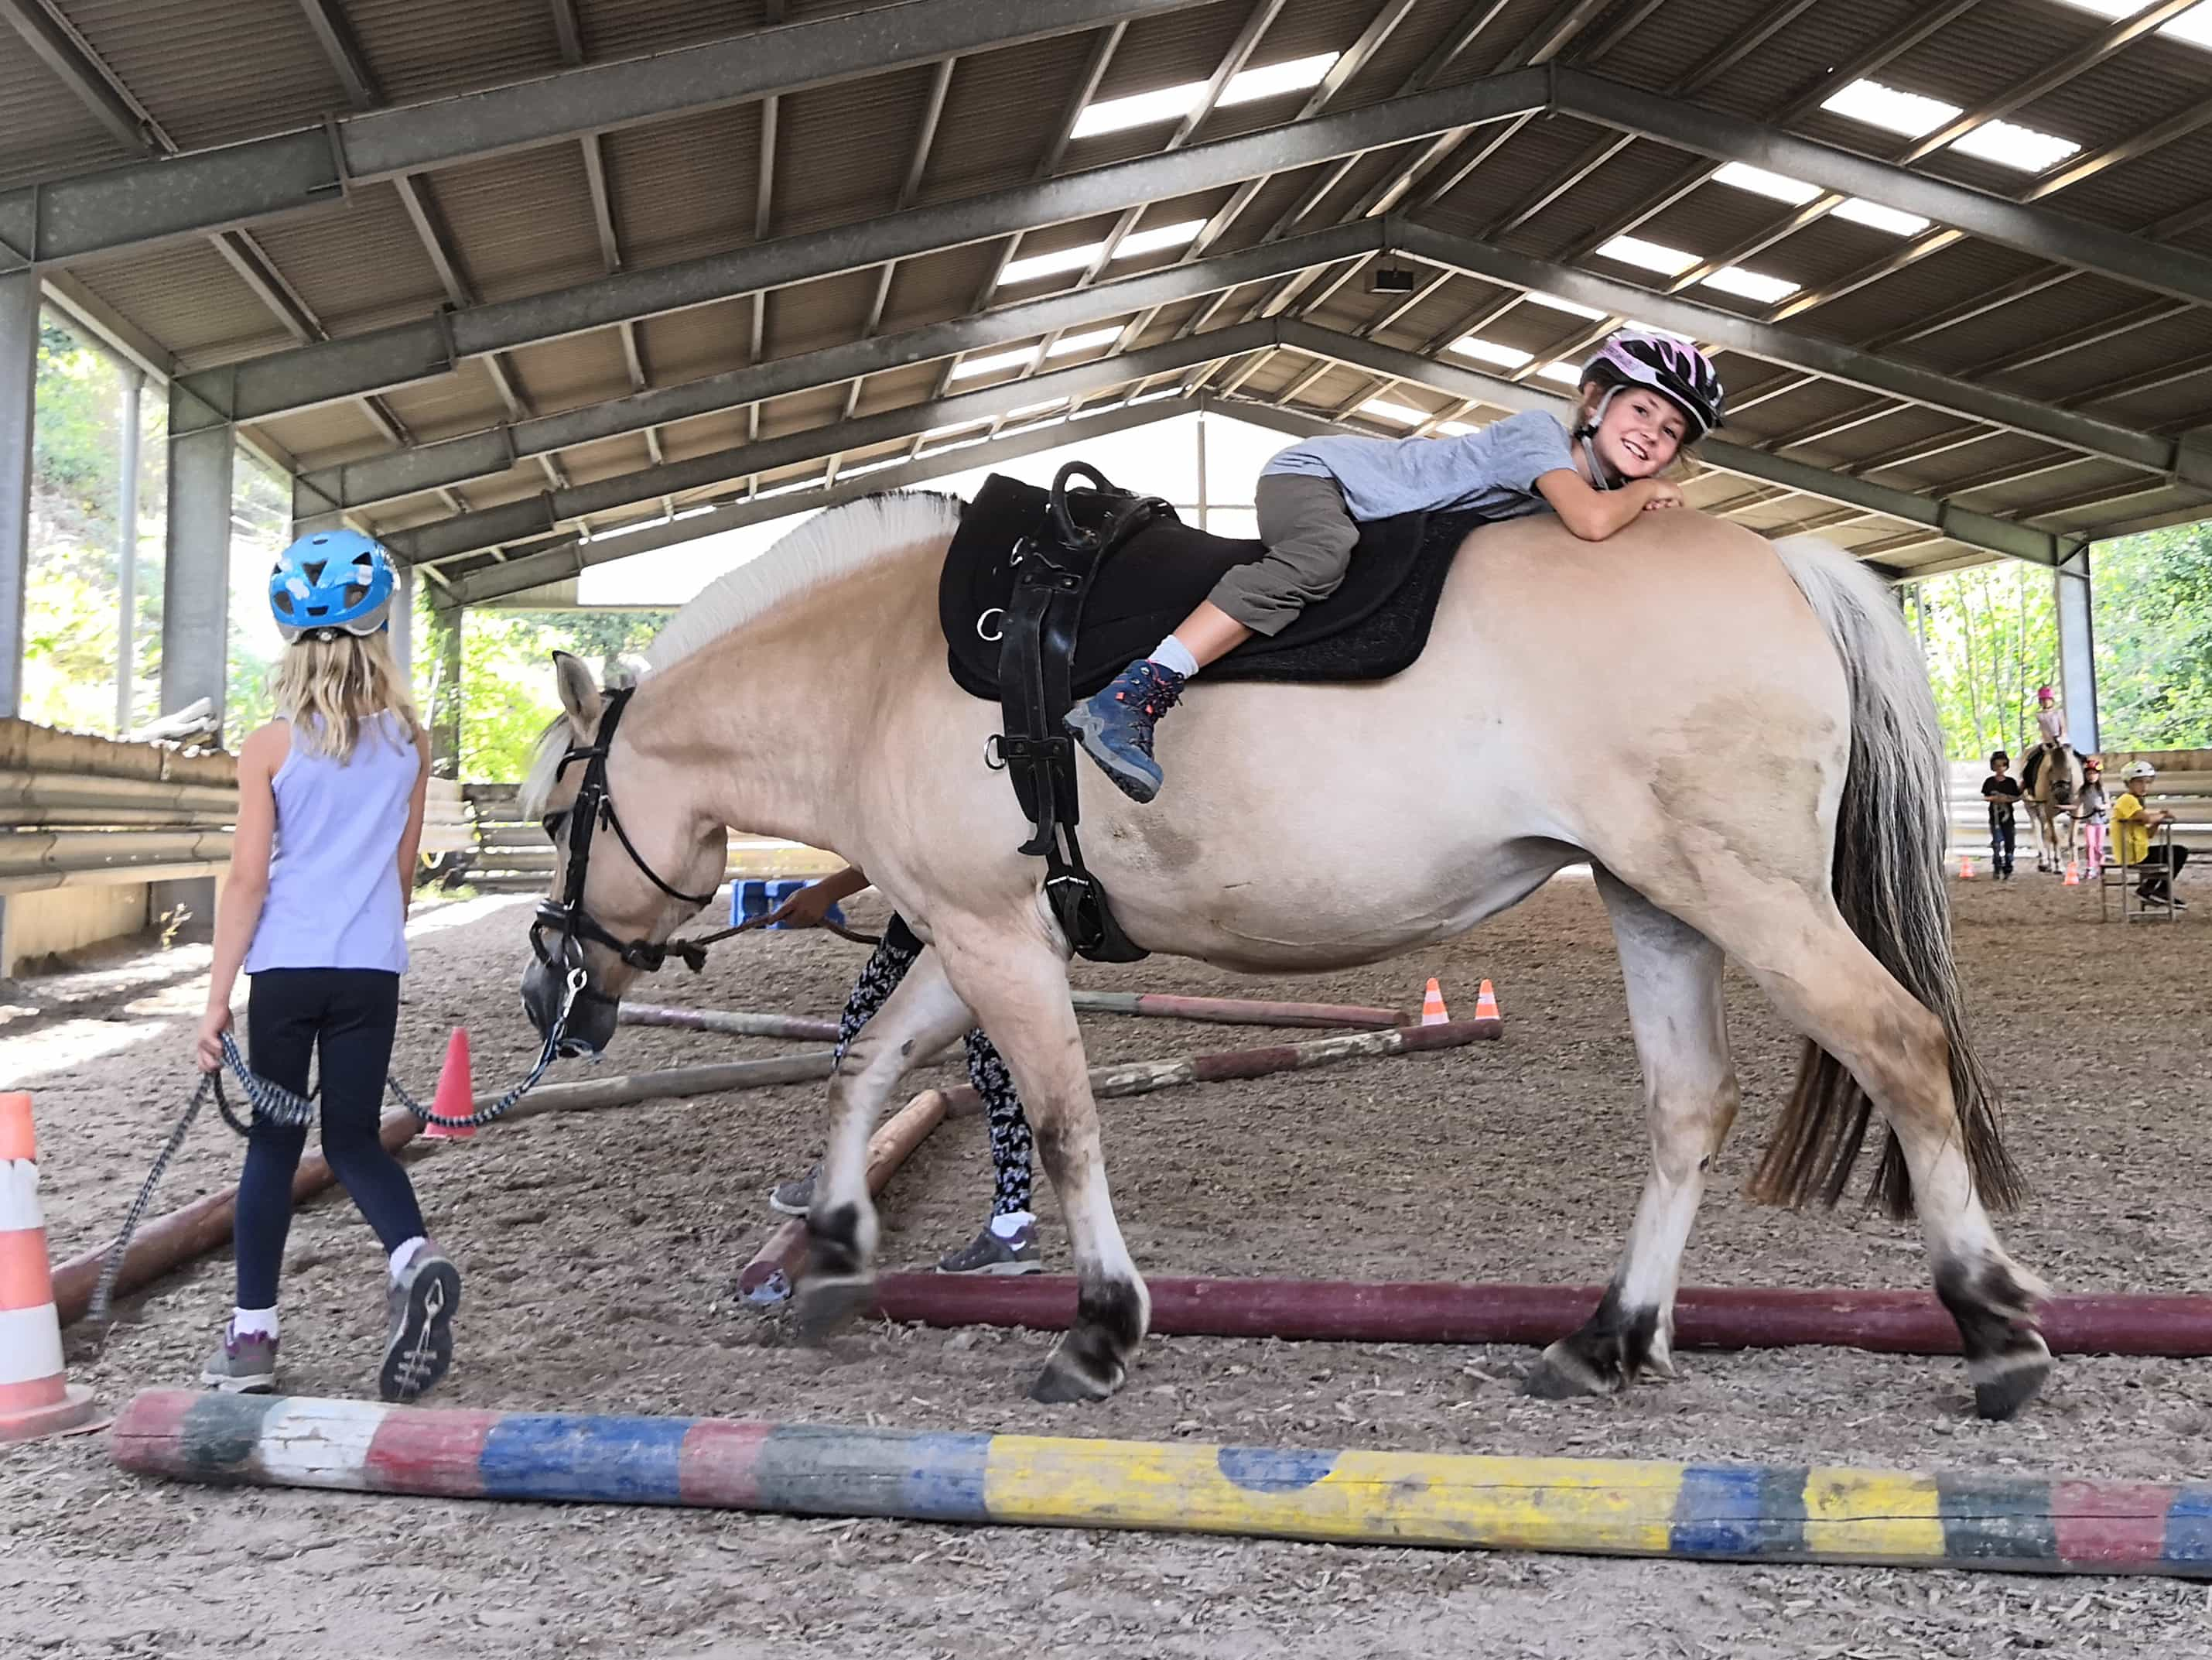 Spüren, abschalten und tragen lassen - so hieß es für die Kinder auf dem Pferderücken.